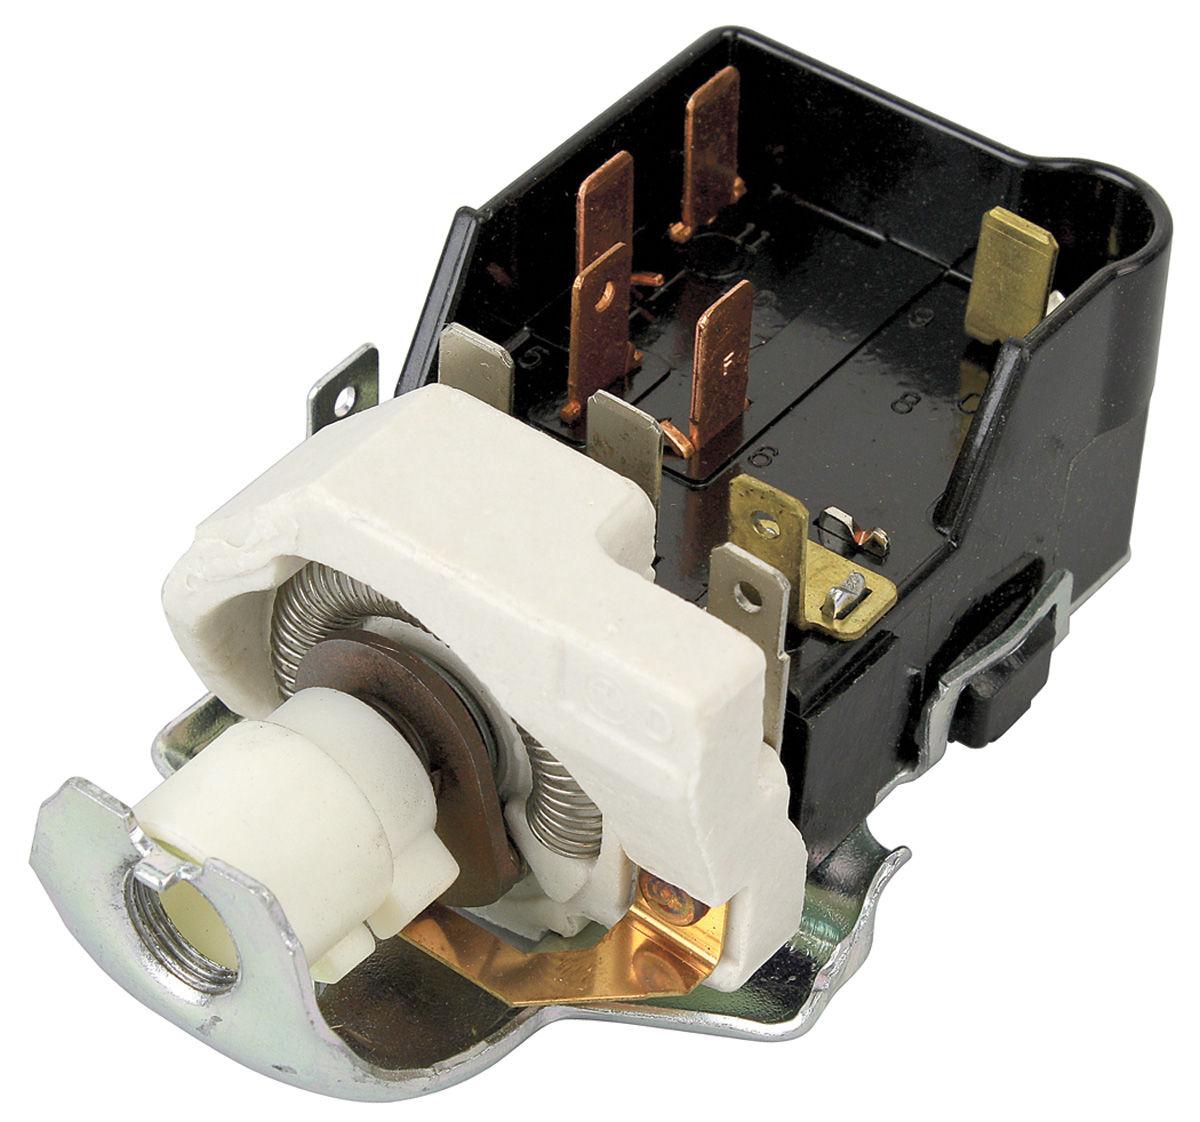 Pontiac Gto Wiring Diagram Gto Headlight Switch W O Hideaway Fits 1968 73 Gto Opgi Com